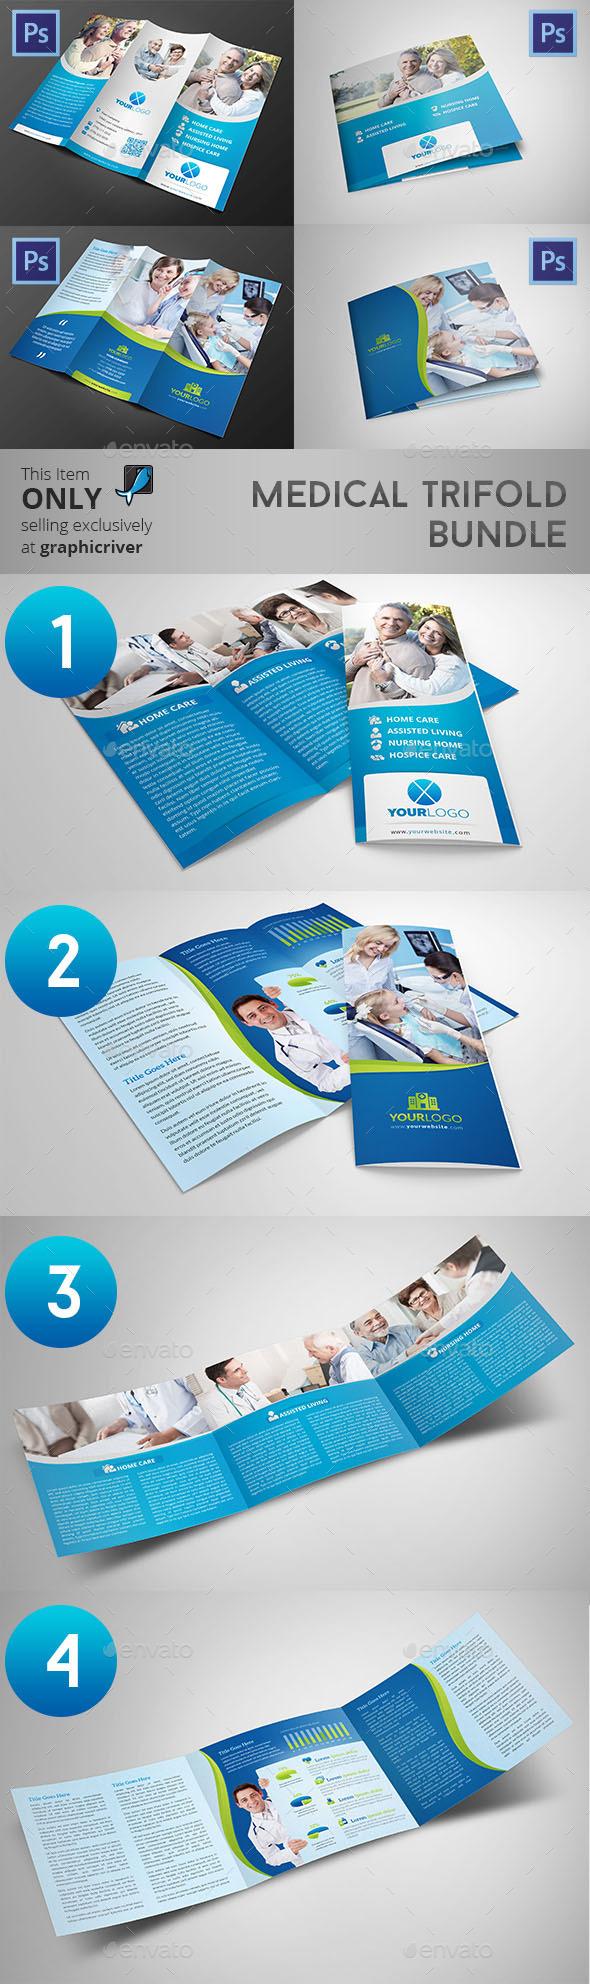 Medical Trifold Bundle - Informational Brochures